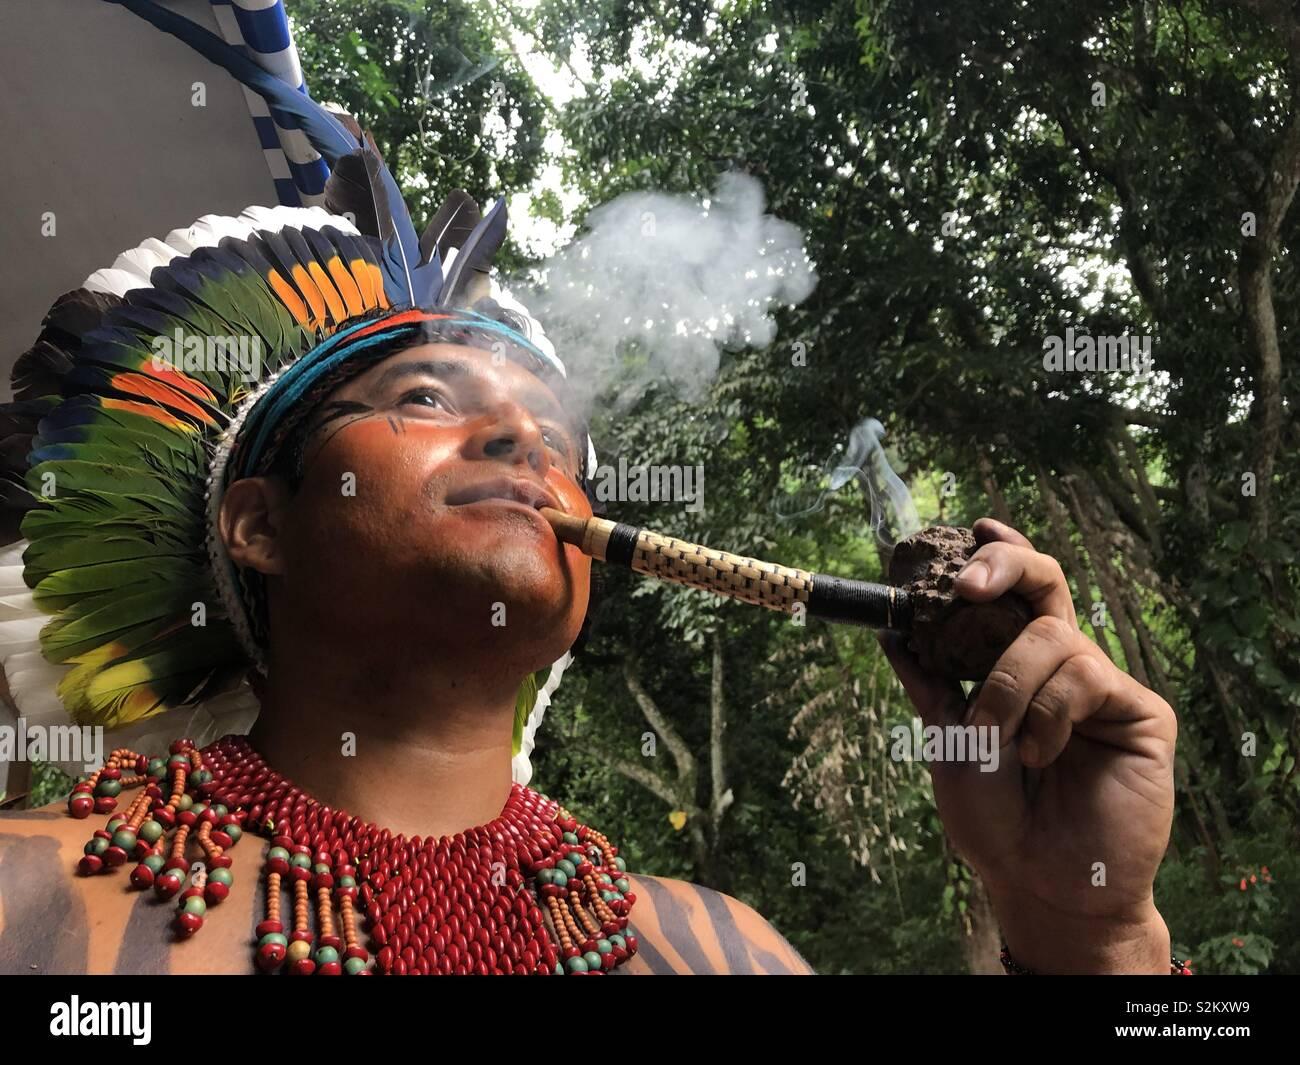 RIO DE JANEIRO, RJ, EL 14 DE ABRIL DE 2019: Evento em comemoração do Índio ao dia,no Parque Lage Imagen De Stock